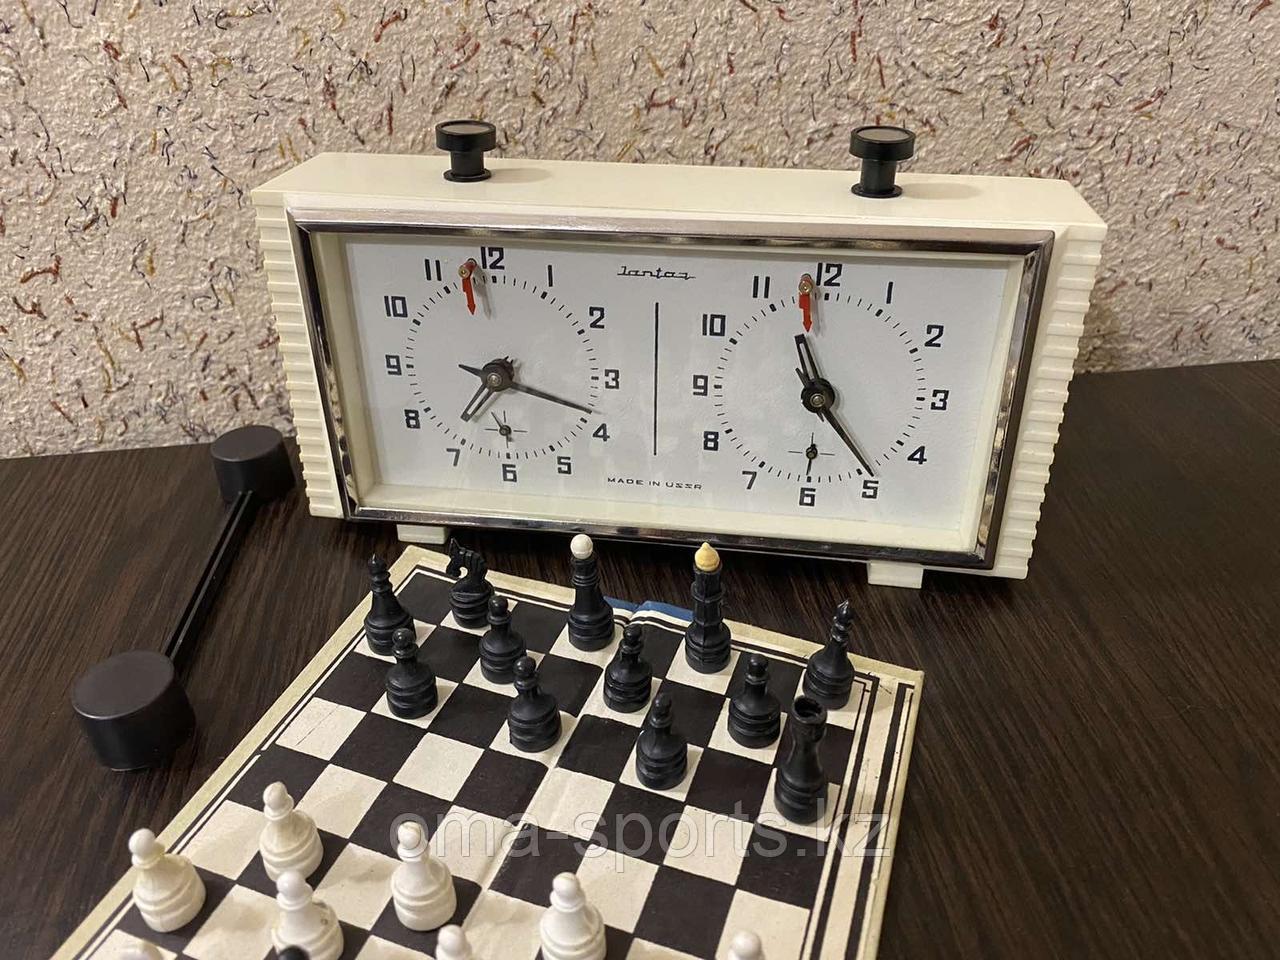 Шахматы. Часы полсчета времени механические JWN-534